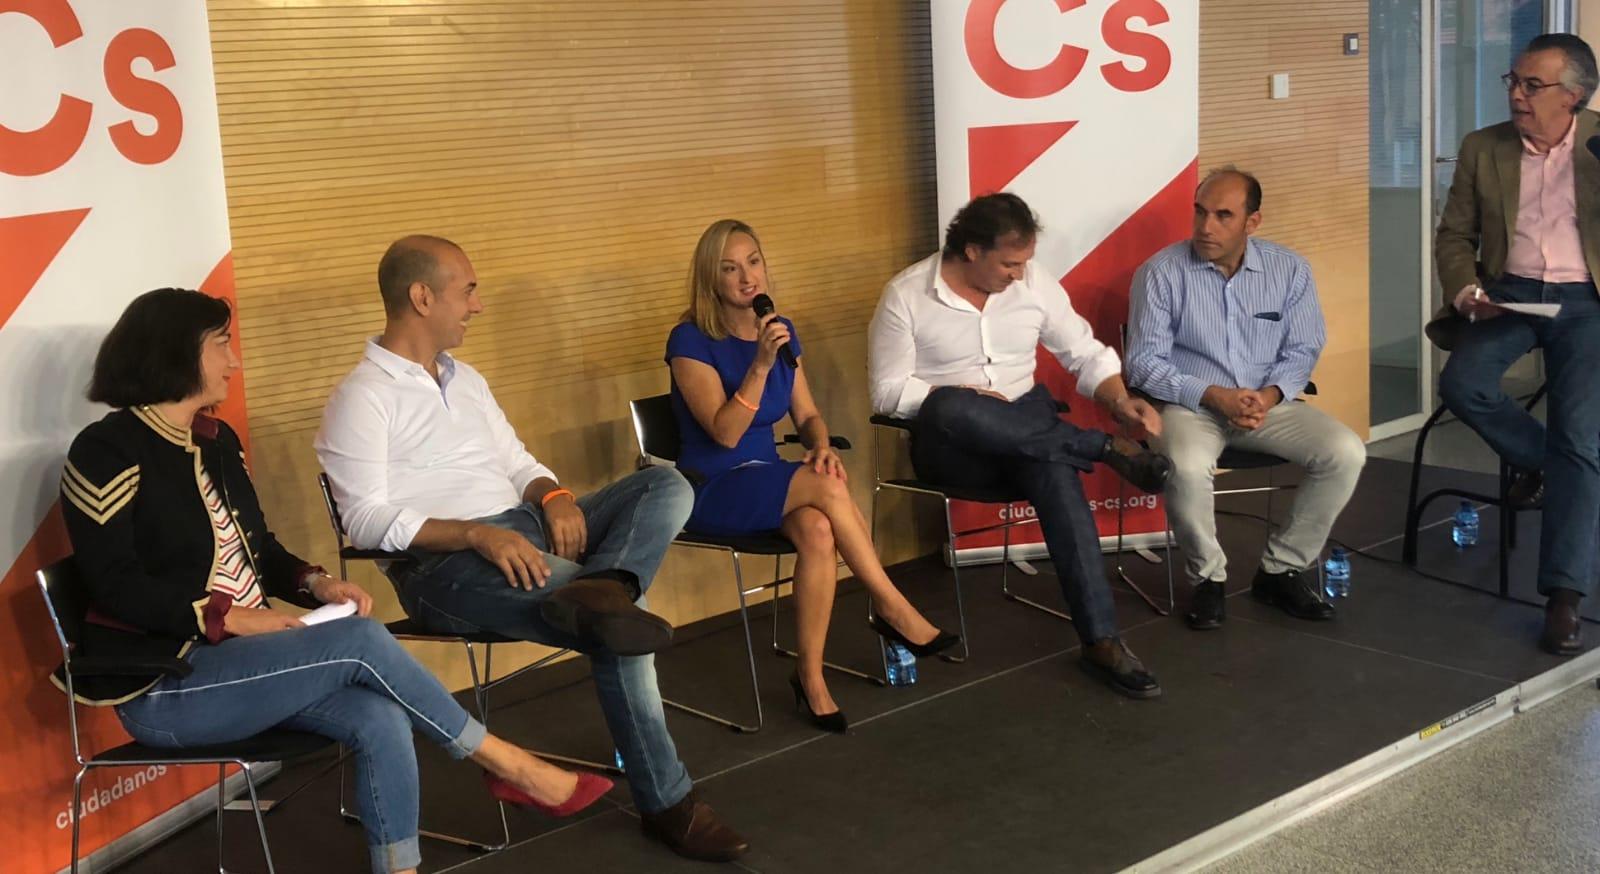 """Fuentes presenta en Laguna a Cs como un """"antídoto frente al populismo y los viejos partidos"""""""